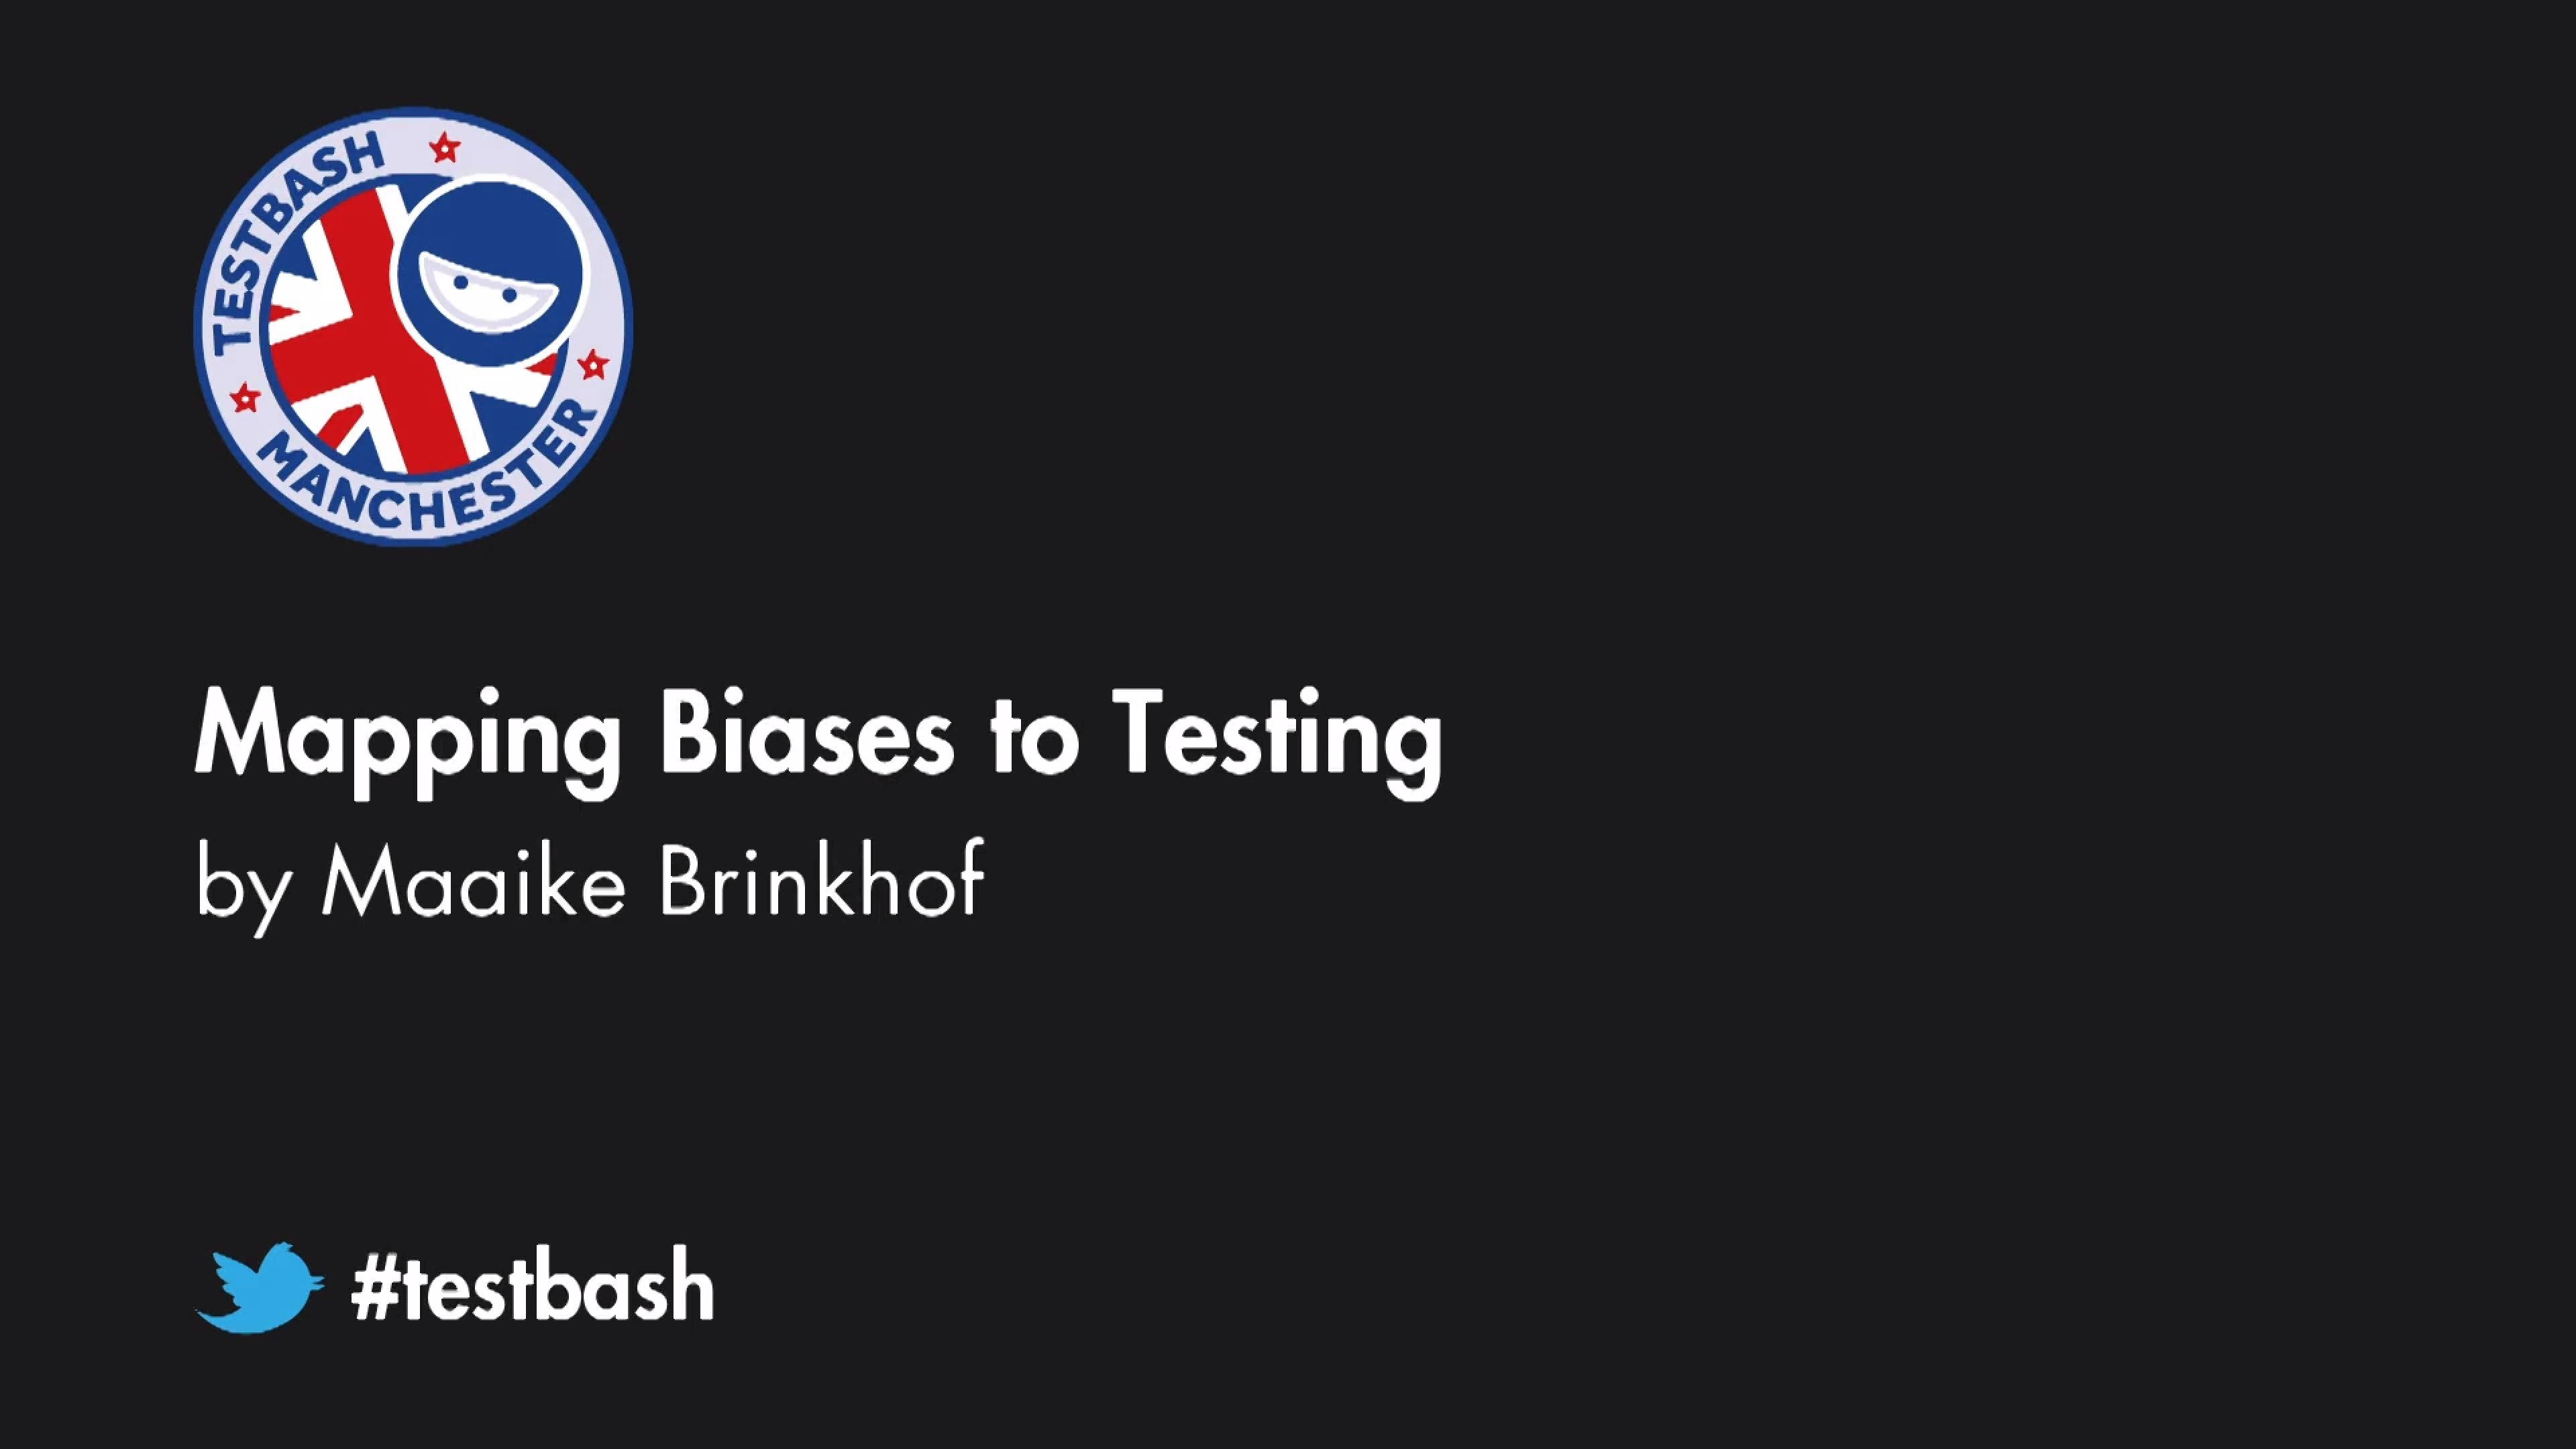 Mapping Biases to Testing - Maaike Brinkhof